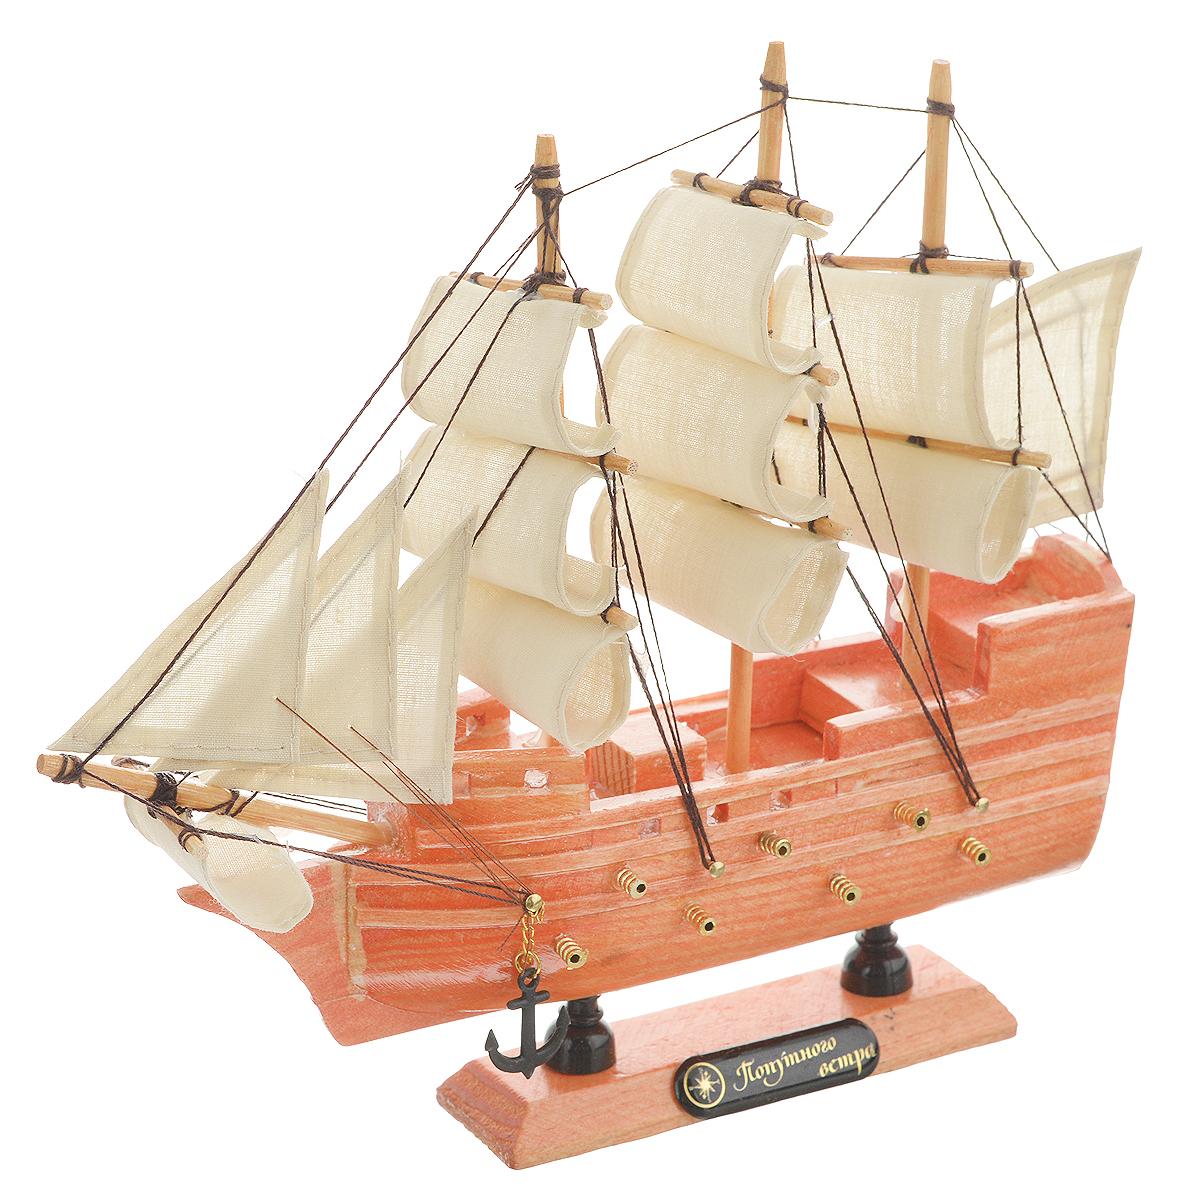 Корабль сувенирный Попутного ветра, длина 20 см. 336THN132NСувенирный корабль Попутного ветра, изготовленный из дерева и текстиля, это великолепный элемент декора рабочей зоны в офисе или кабинете. Корабль с парусами и якорями помещен на деревянную подставку. Время идет, и мы становимся свидетелями развития технического прогресса, новых учений и практик. Но одно не подвластно времени - это любовь человека к морю и кораблям. Сувенирный корабль наполнен историей и силой океанских вод. Данная модель кораблика станет отличным подарком для всех любителей морей, поклонников историй о покорении океанов и неизведанных земель. Модель корабля - подарок со смыслом. Издавна на Руси считалось, что корабли приносят удачу и везение. Поэтому их изображения, фигурки и точные копии всегда присутствовали в помещениях. Удивите себя и своих близких необычным презентом.